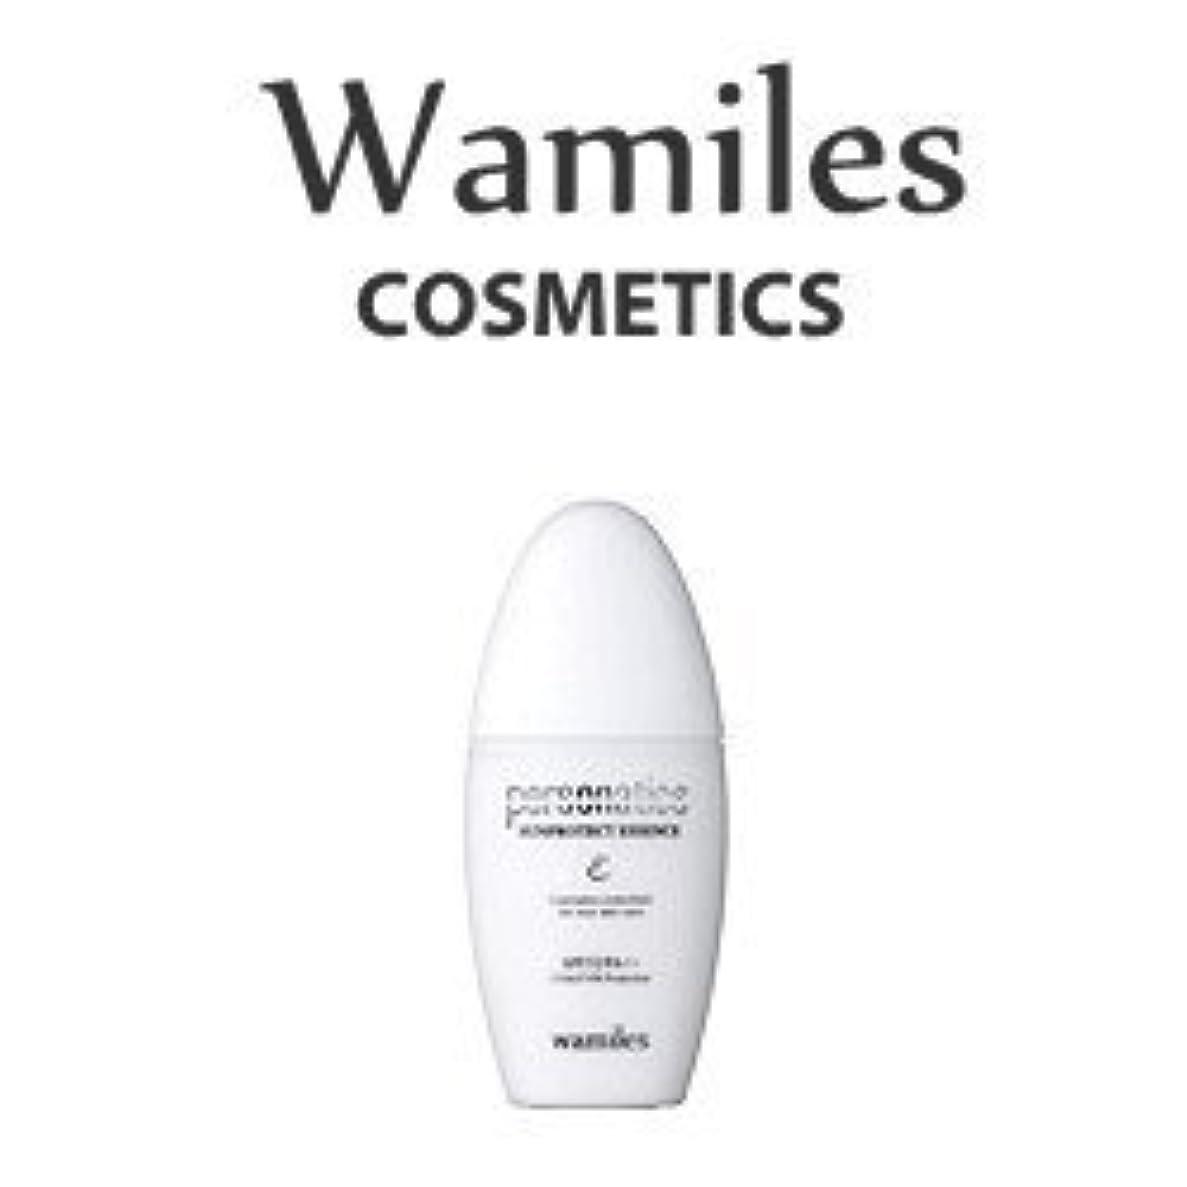 魔術生きる他の場所wamiles/ワミレス サンプロテクトエッセンス 30ml 美容 化粧水